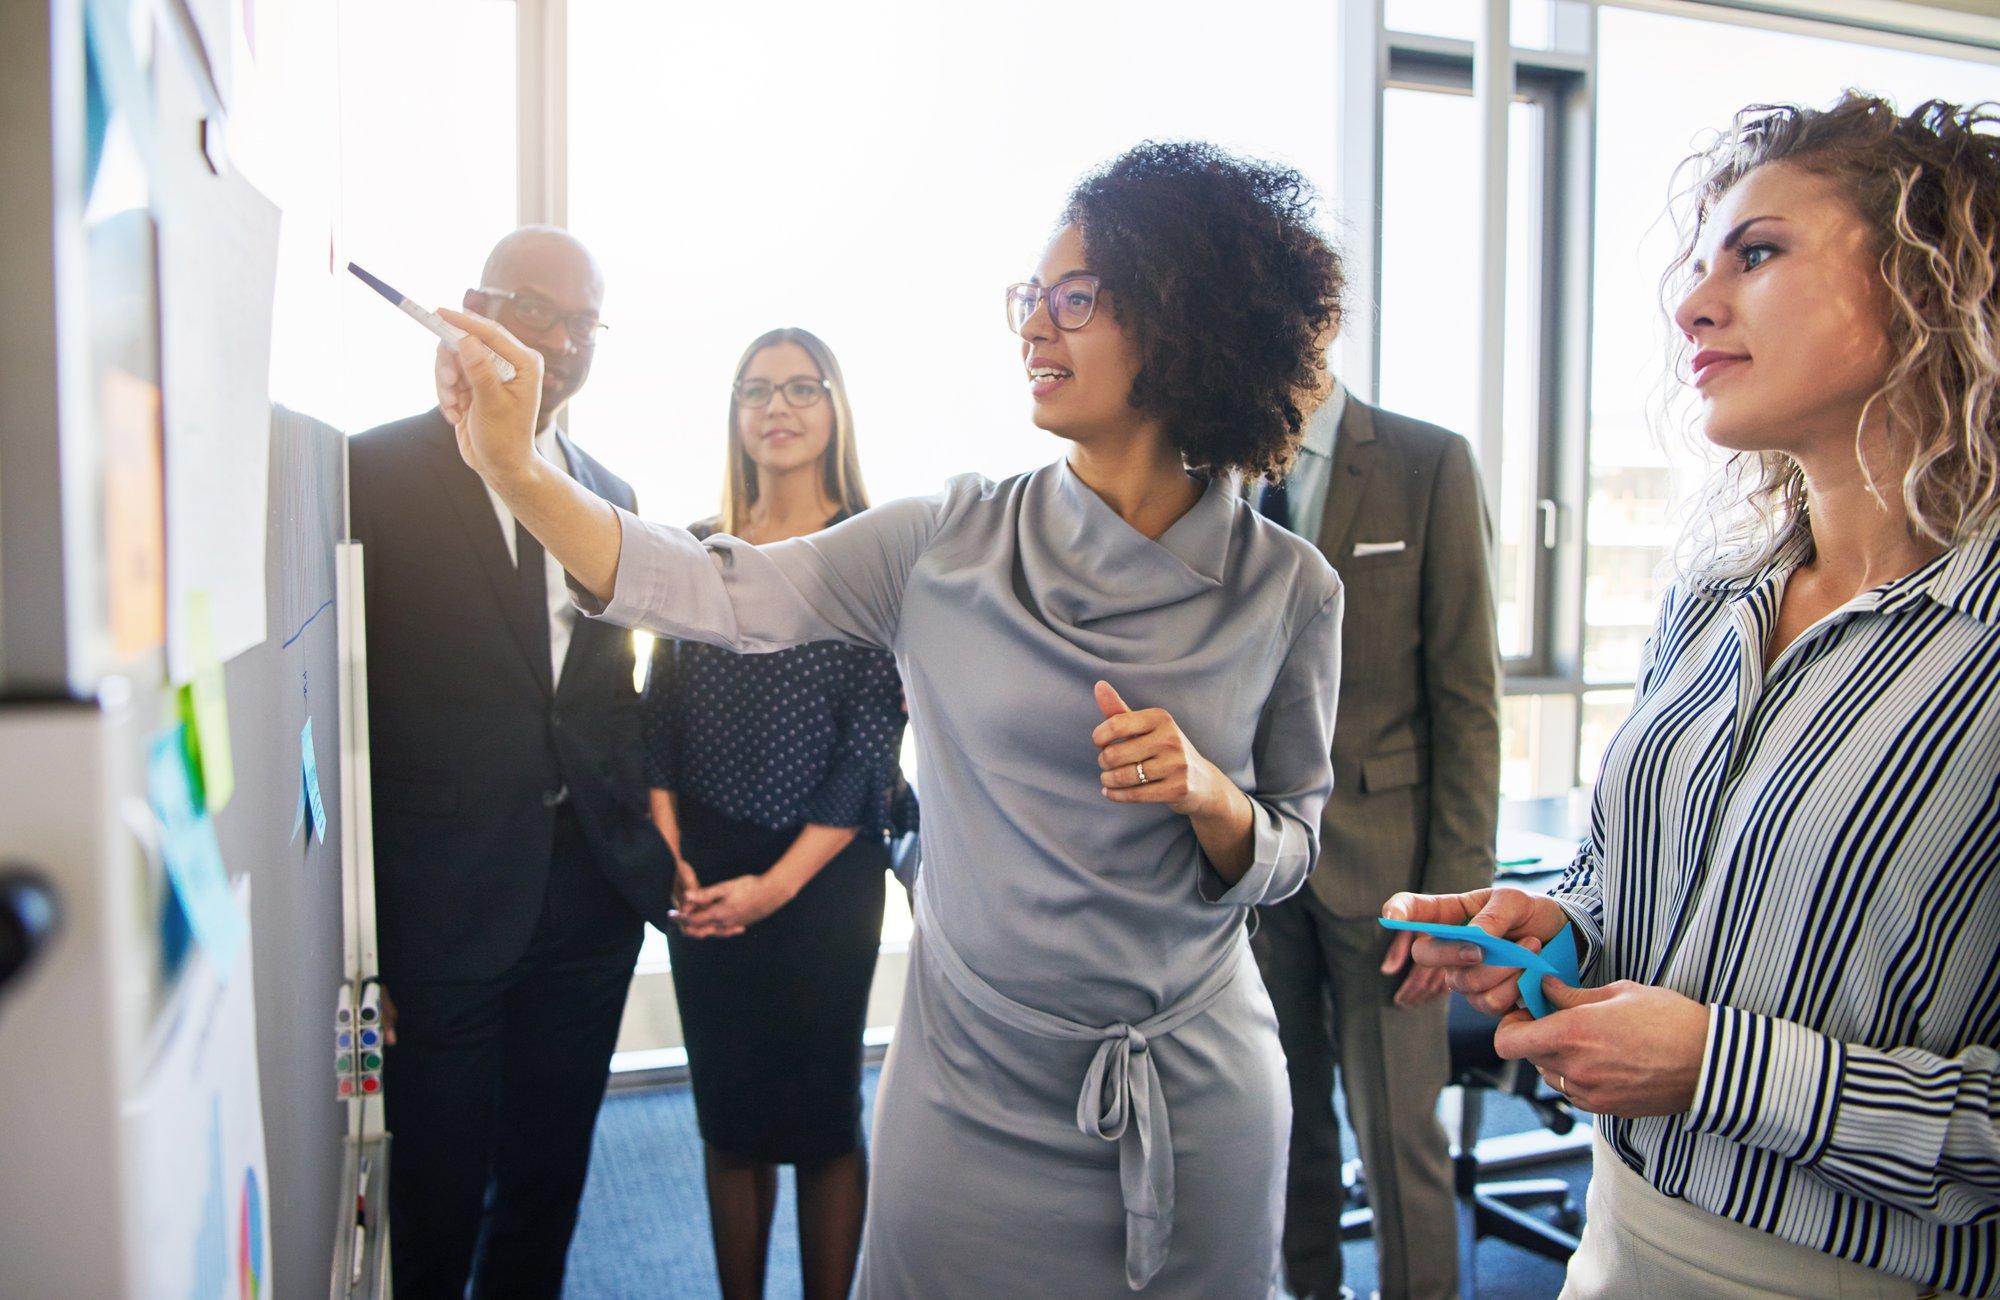 L'évolution des cultures d'entreprise appelle un changement des styles de management